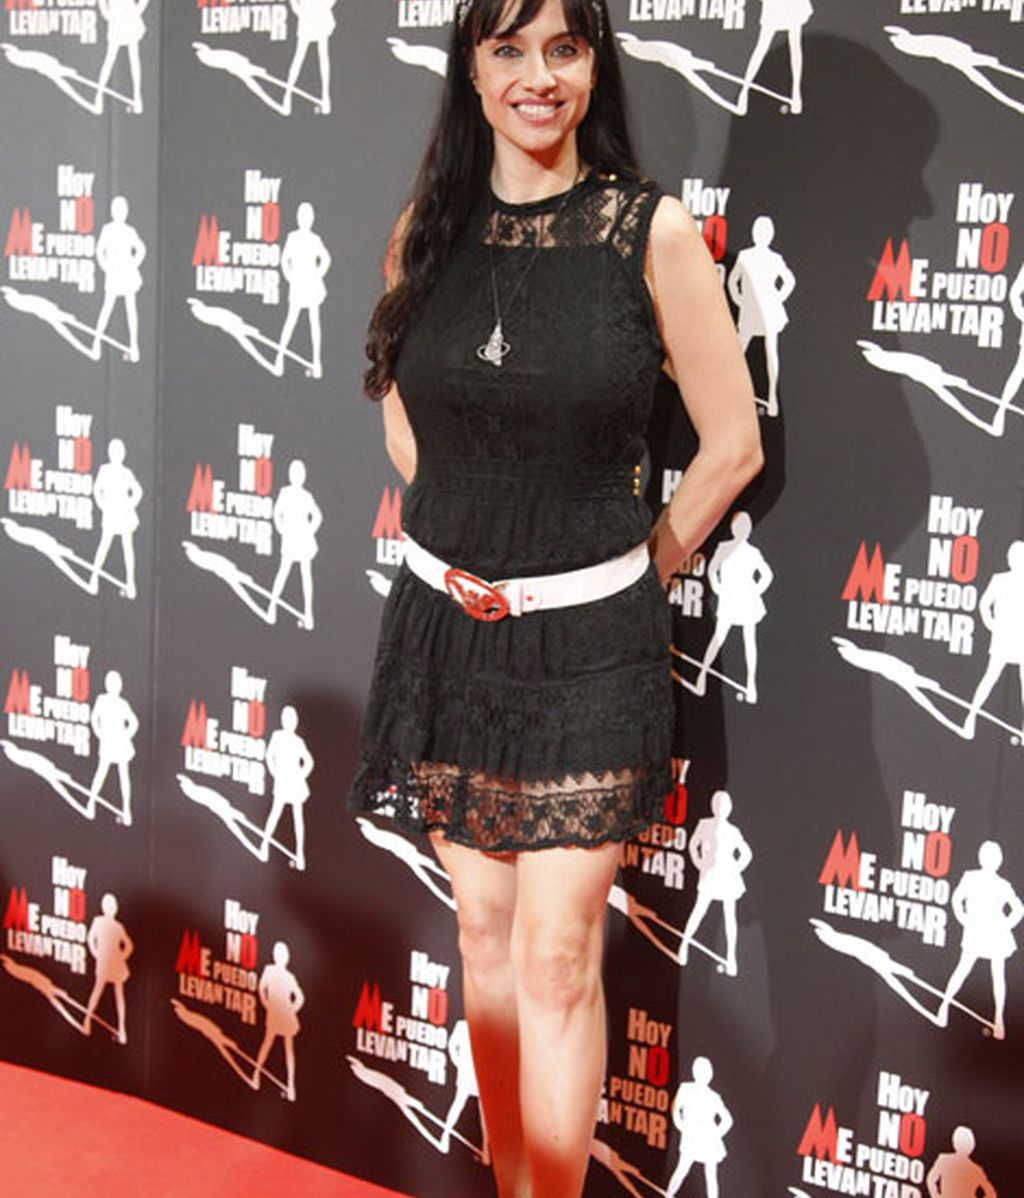 La actriz Beatriz Rico eligió un vestido negro